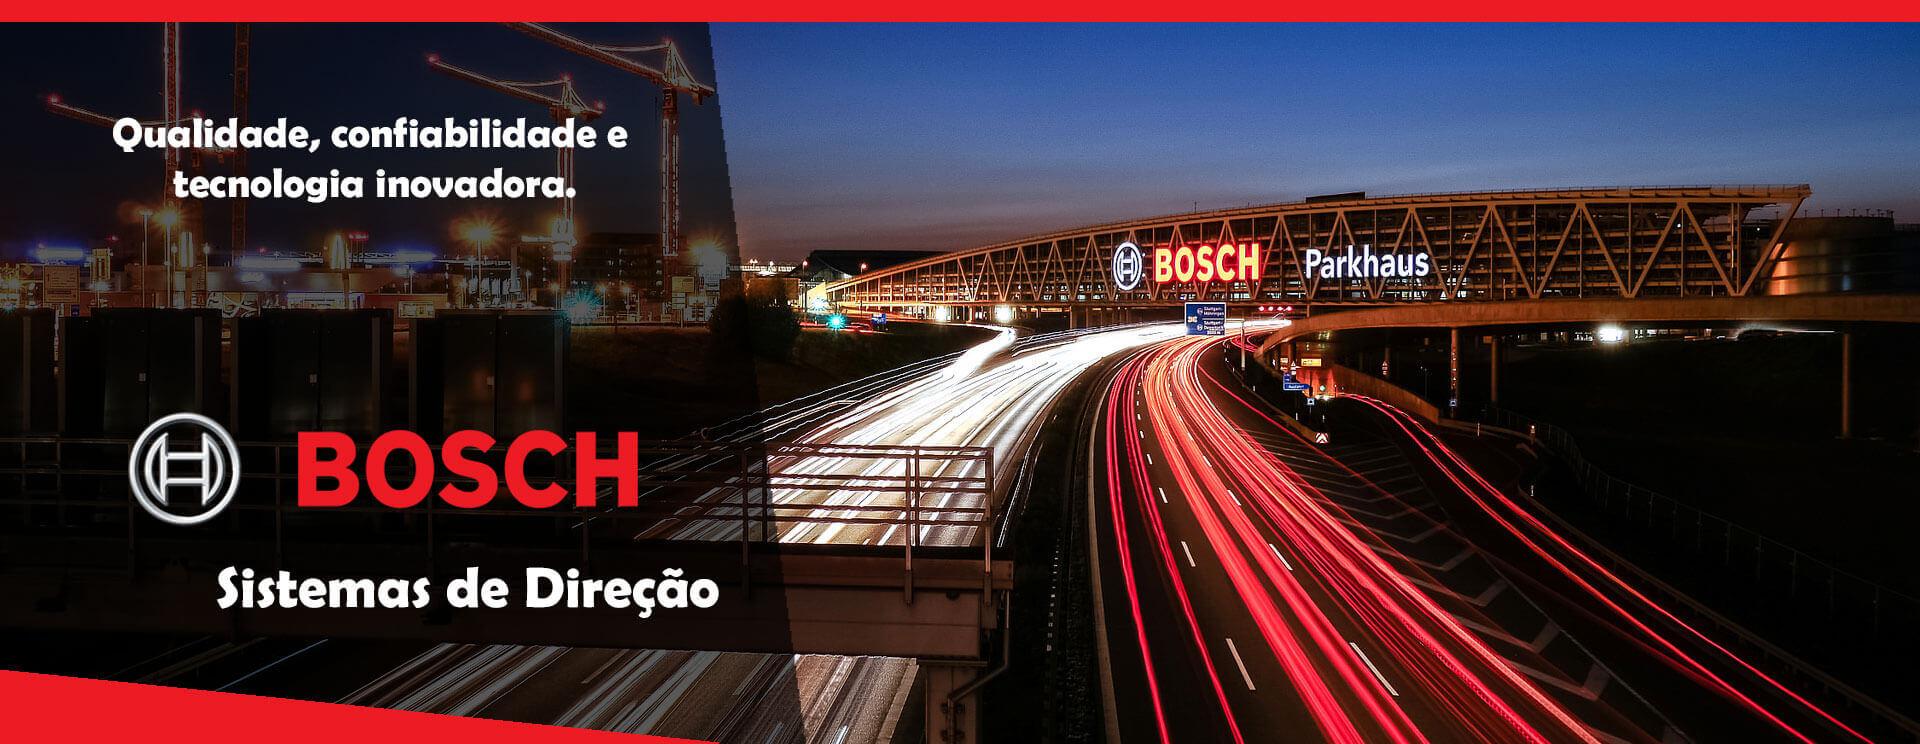 Control Parts trabalha com Sistemas de direcao Bosch